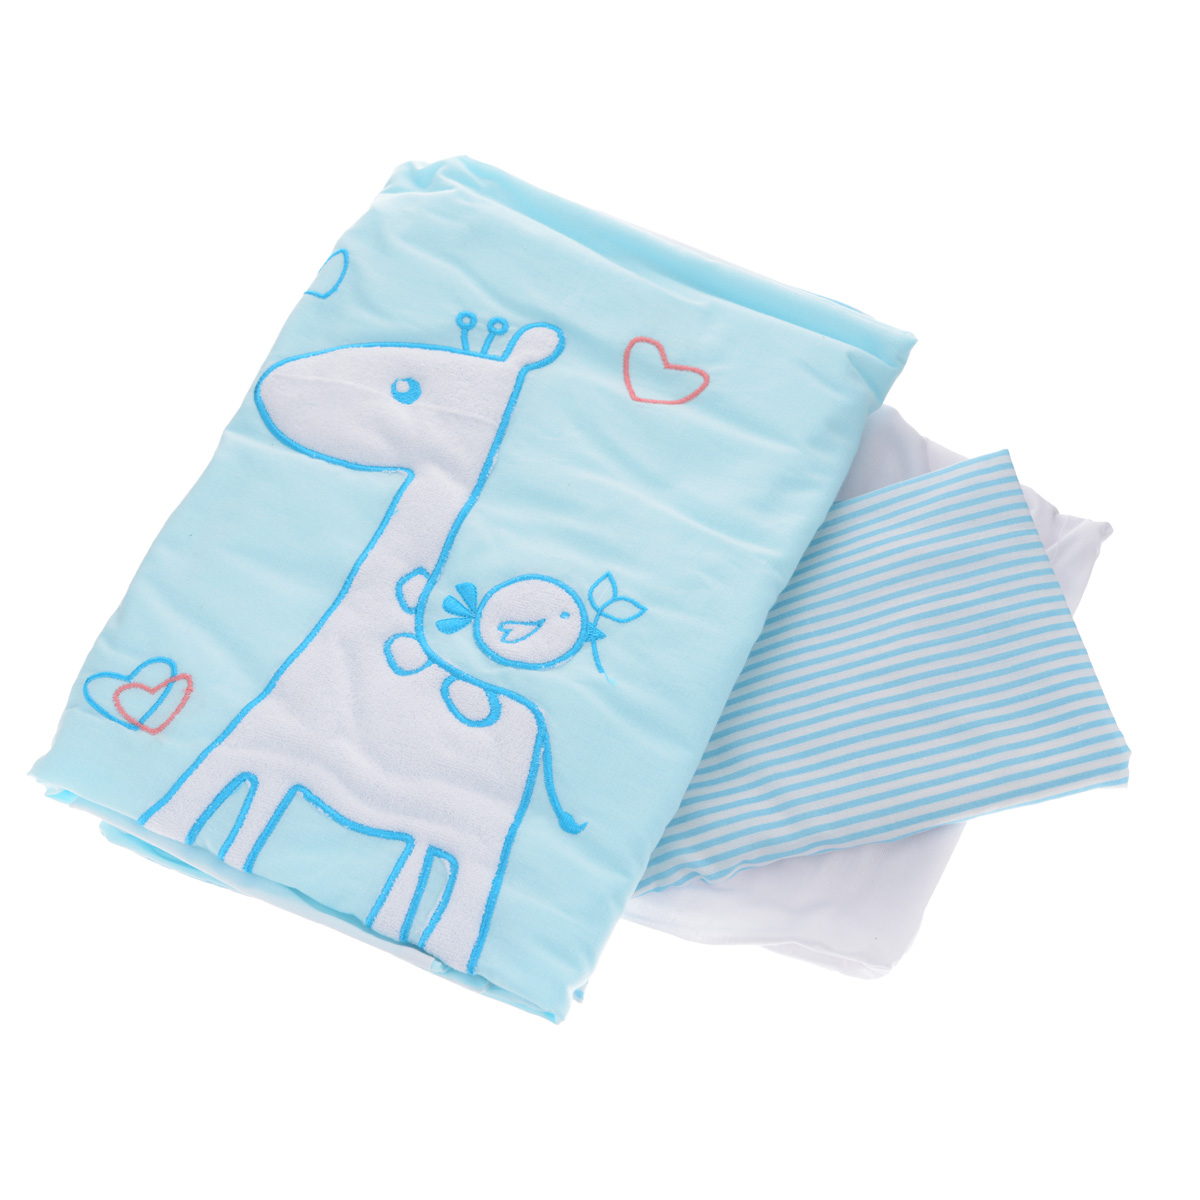 Комплект детского постельного белья Fairy Жирафик, цвет: голубой, 3 предмета1020.112Детский комплект постельного белья Fairy Жирафик состоит из наволочки, пододеяльника и простыни на резинке. Такой комплект идеально подойдет для кроватки вашего малыша и обеспечит ему здоровый сон. Он изготовлен из натурального 100% хлопка, дарящего малышу непревзойденную мягкость. Натуральный материал не раздражает даже самую нежную и чувствительную кожу ребенка, обеспечивая ему наибольший комфорт. Простыня с помощью специальной резинки растягивается на матрасе. Она не сомнется и не скомкается, как бы не вертелся ребенок.На постельном белье Fairy Жирафик ваша кроха будет спать здоровым и крепким сном.